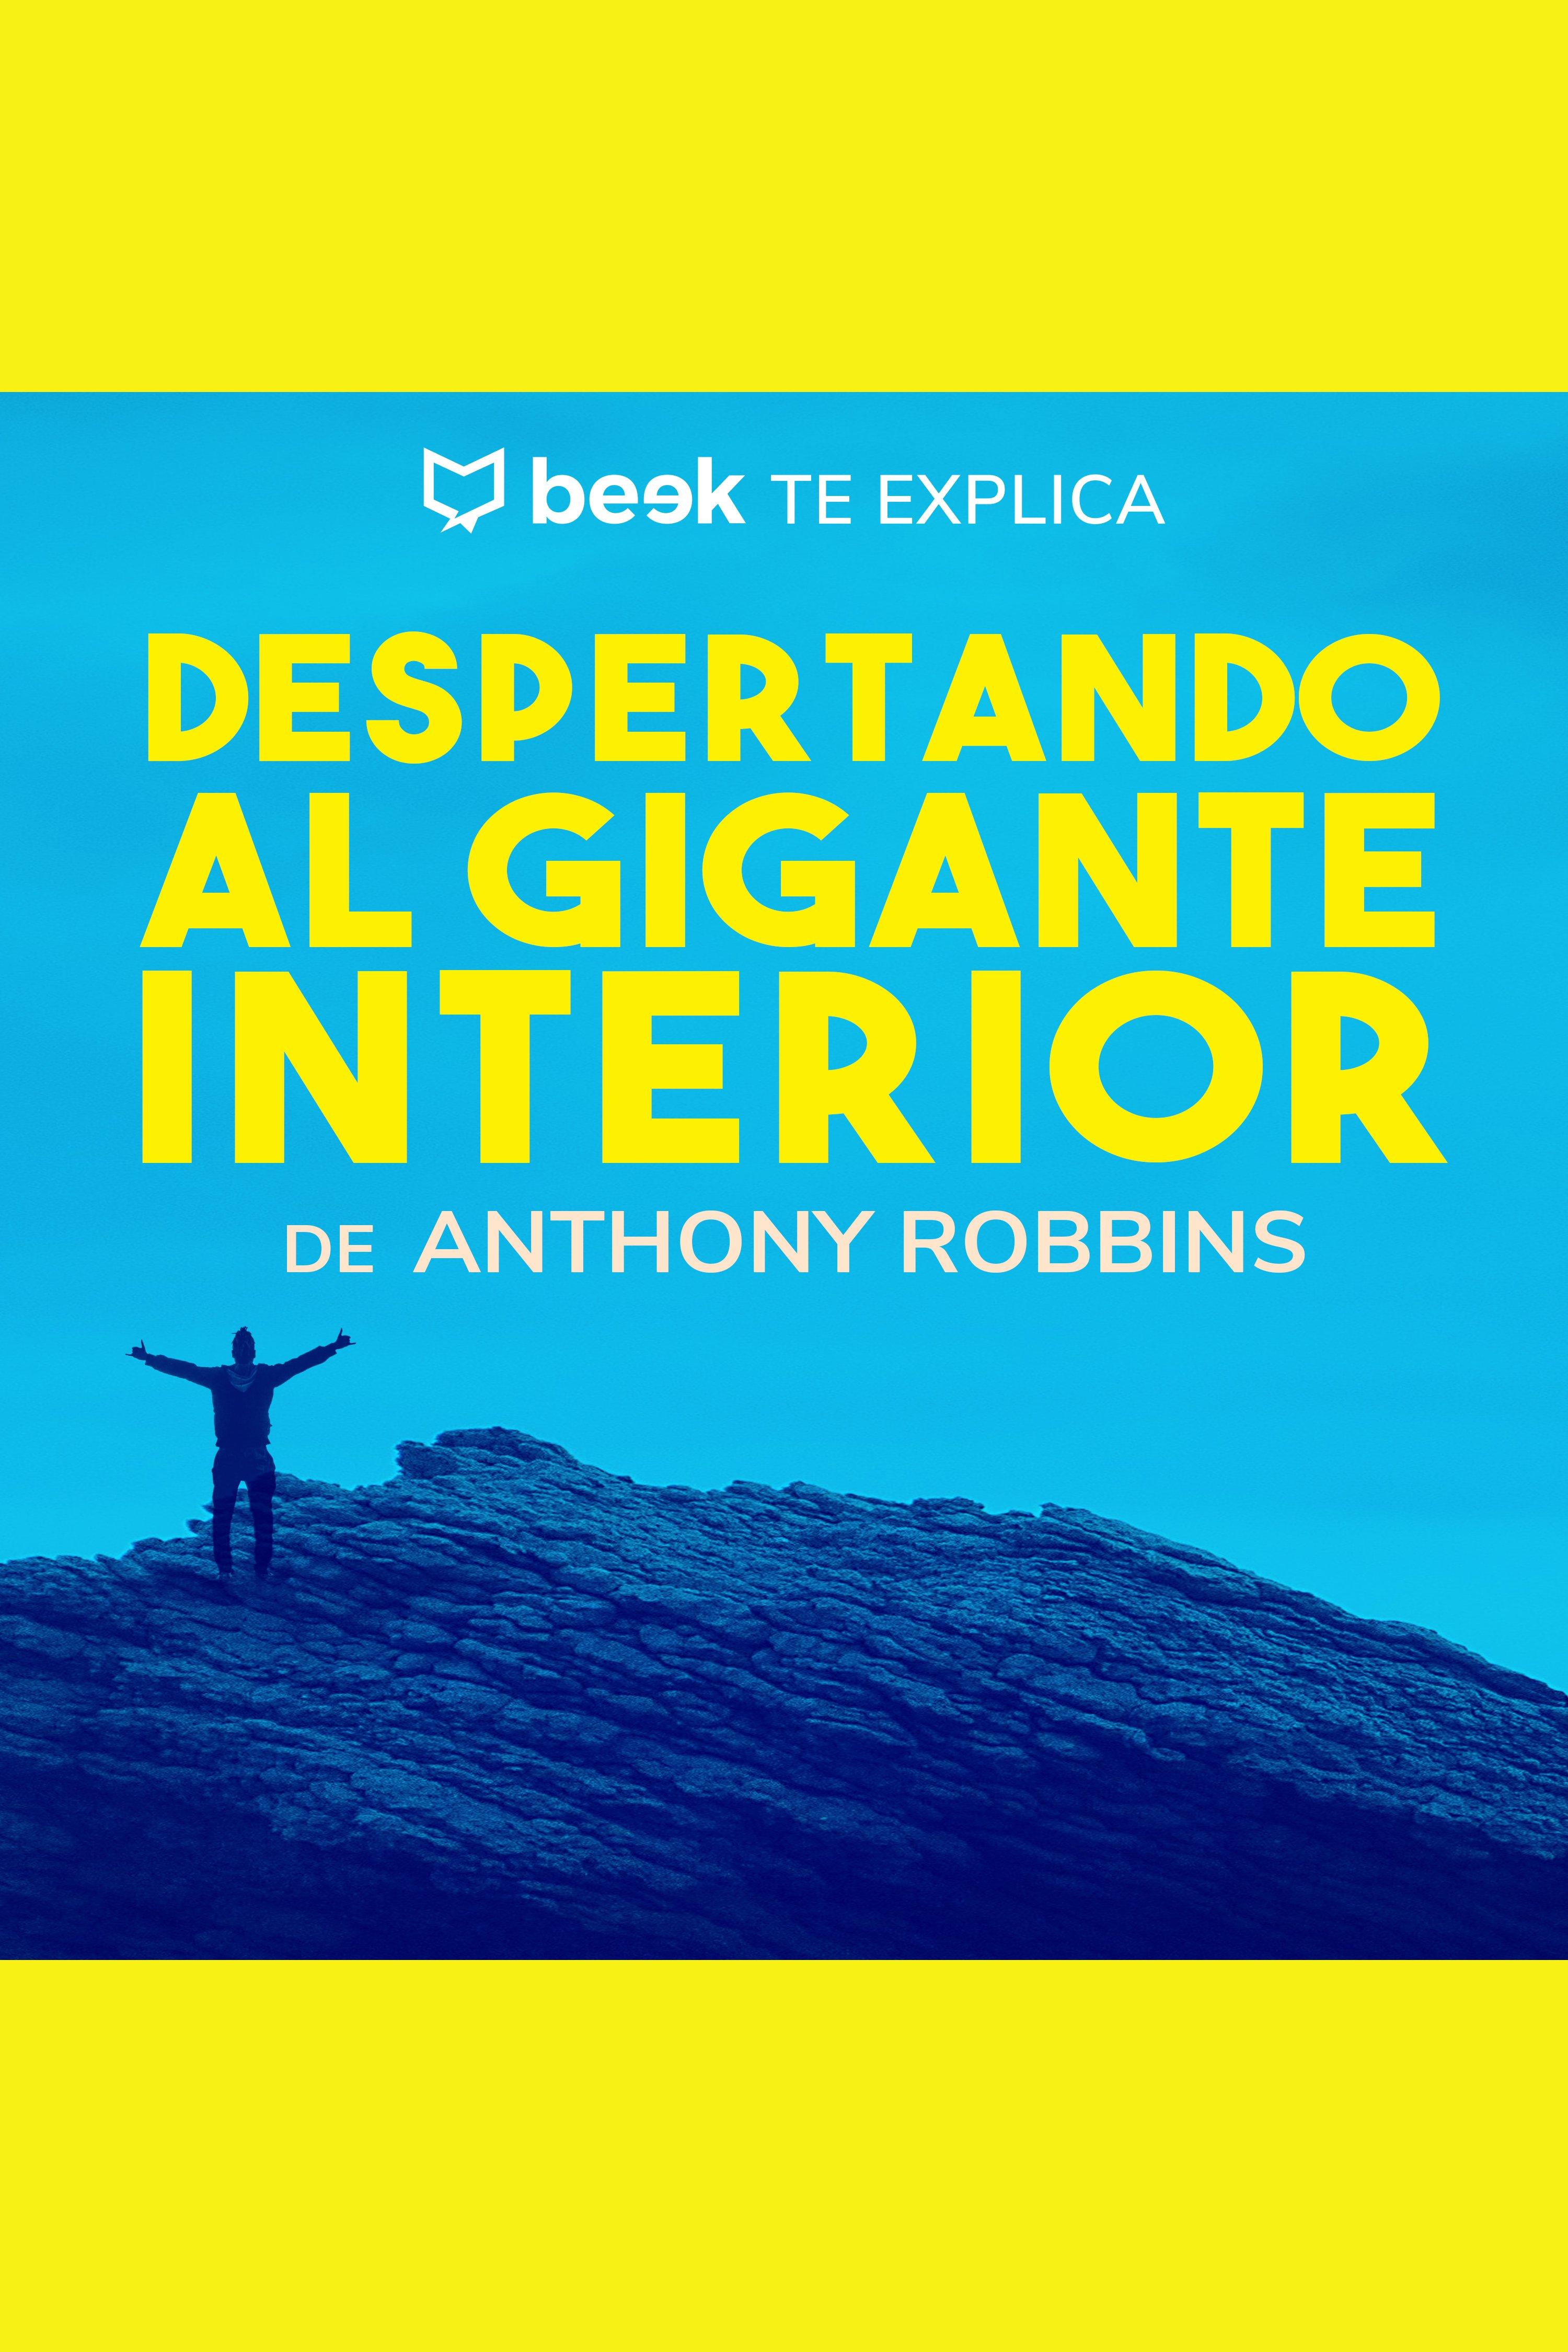 Esta es la portada del audiolibro Despertando al gigante interior… Beek te explica